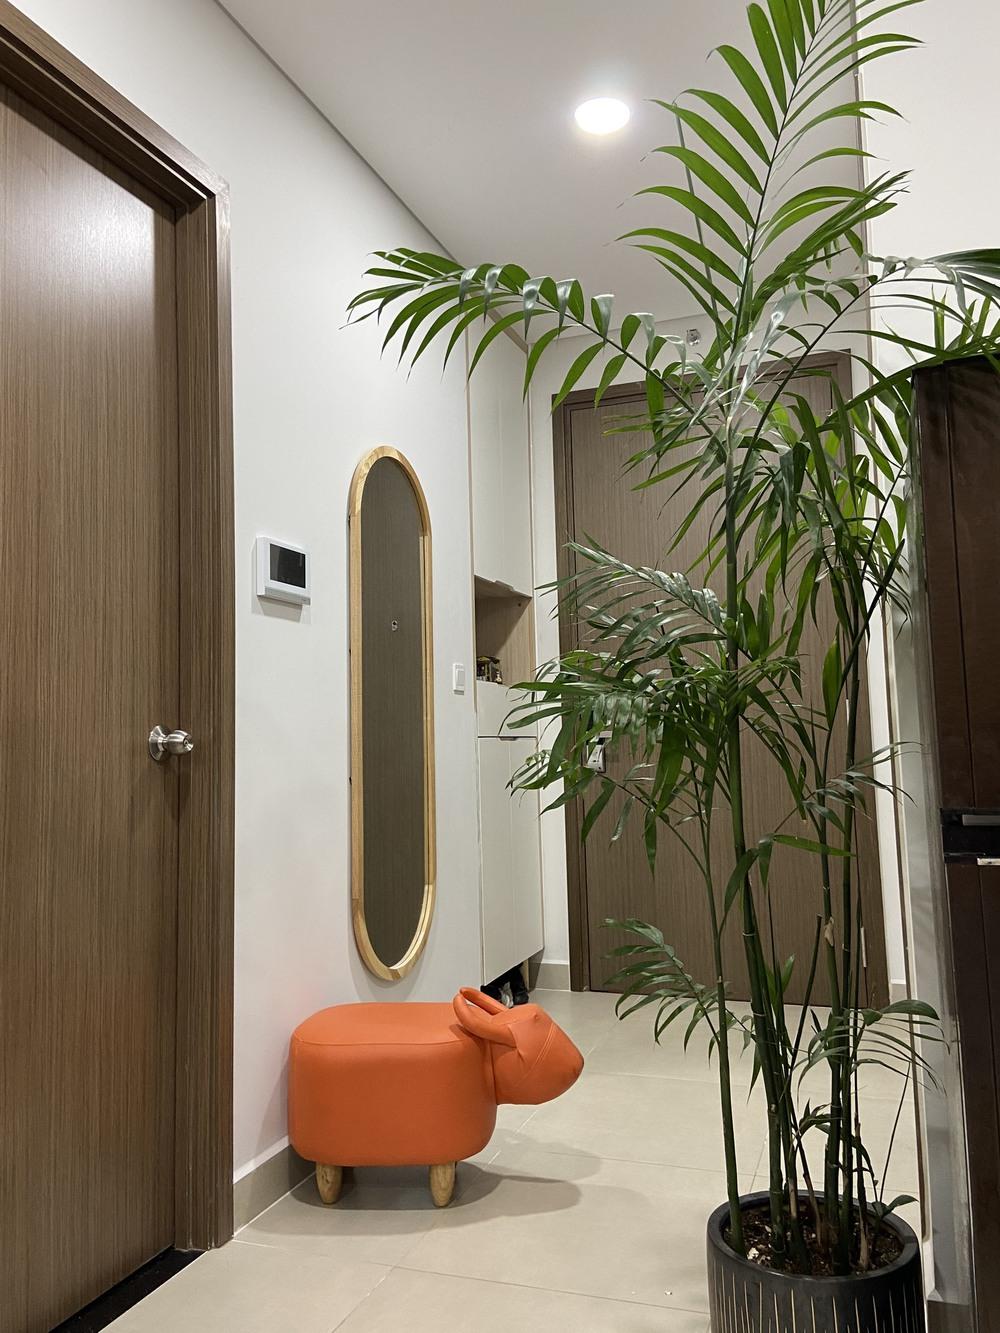 Mua căn hộ 58m2, vợ chồng trẻ tự thiết kế siêu ưng nhưng nể nhất là chi phí siêu hạt dẻ - Ảnh 4.